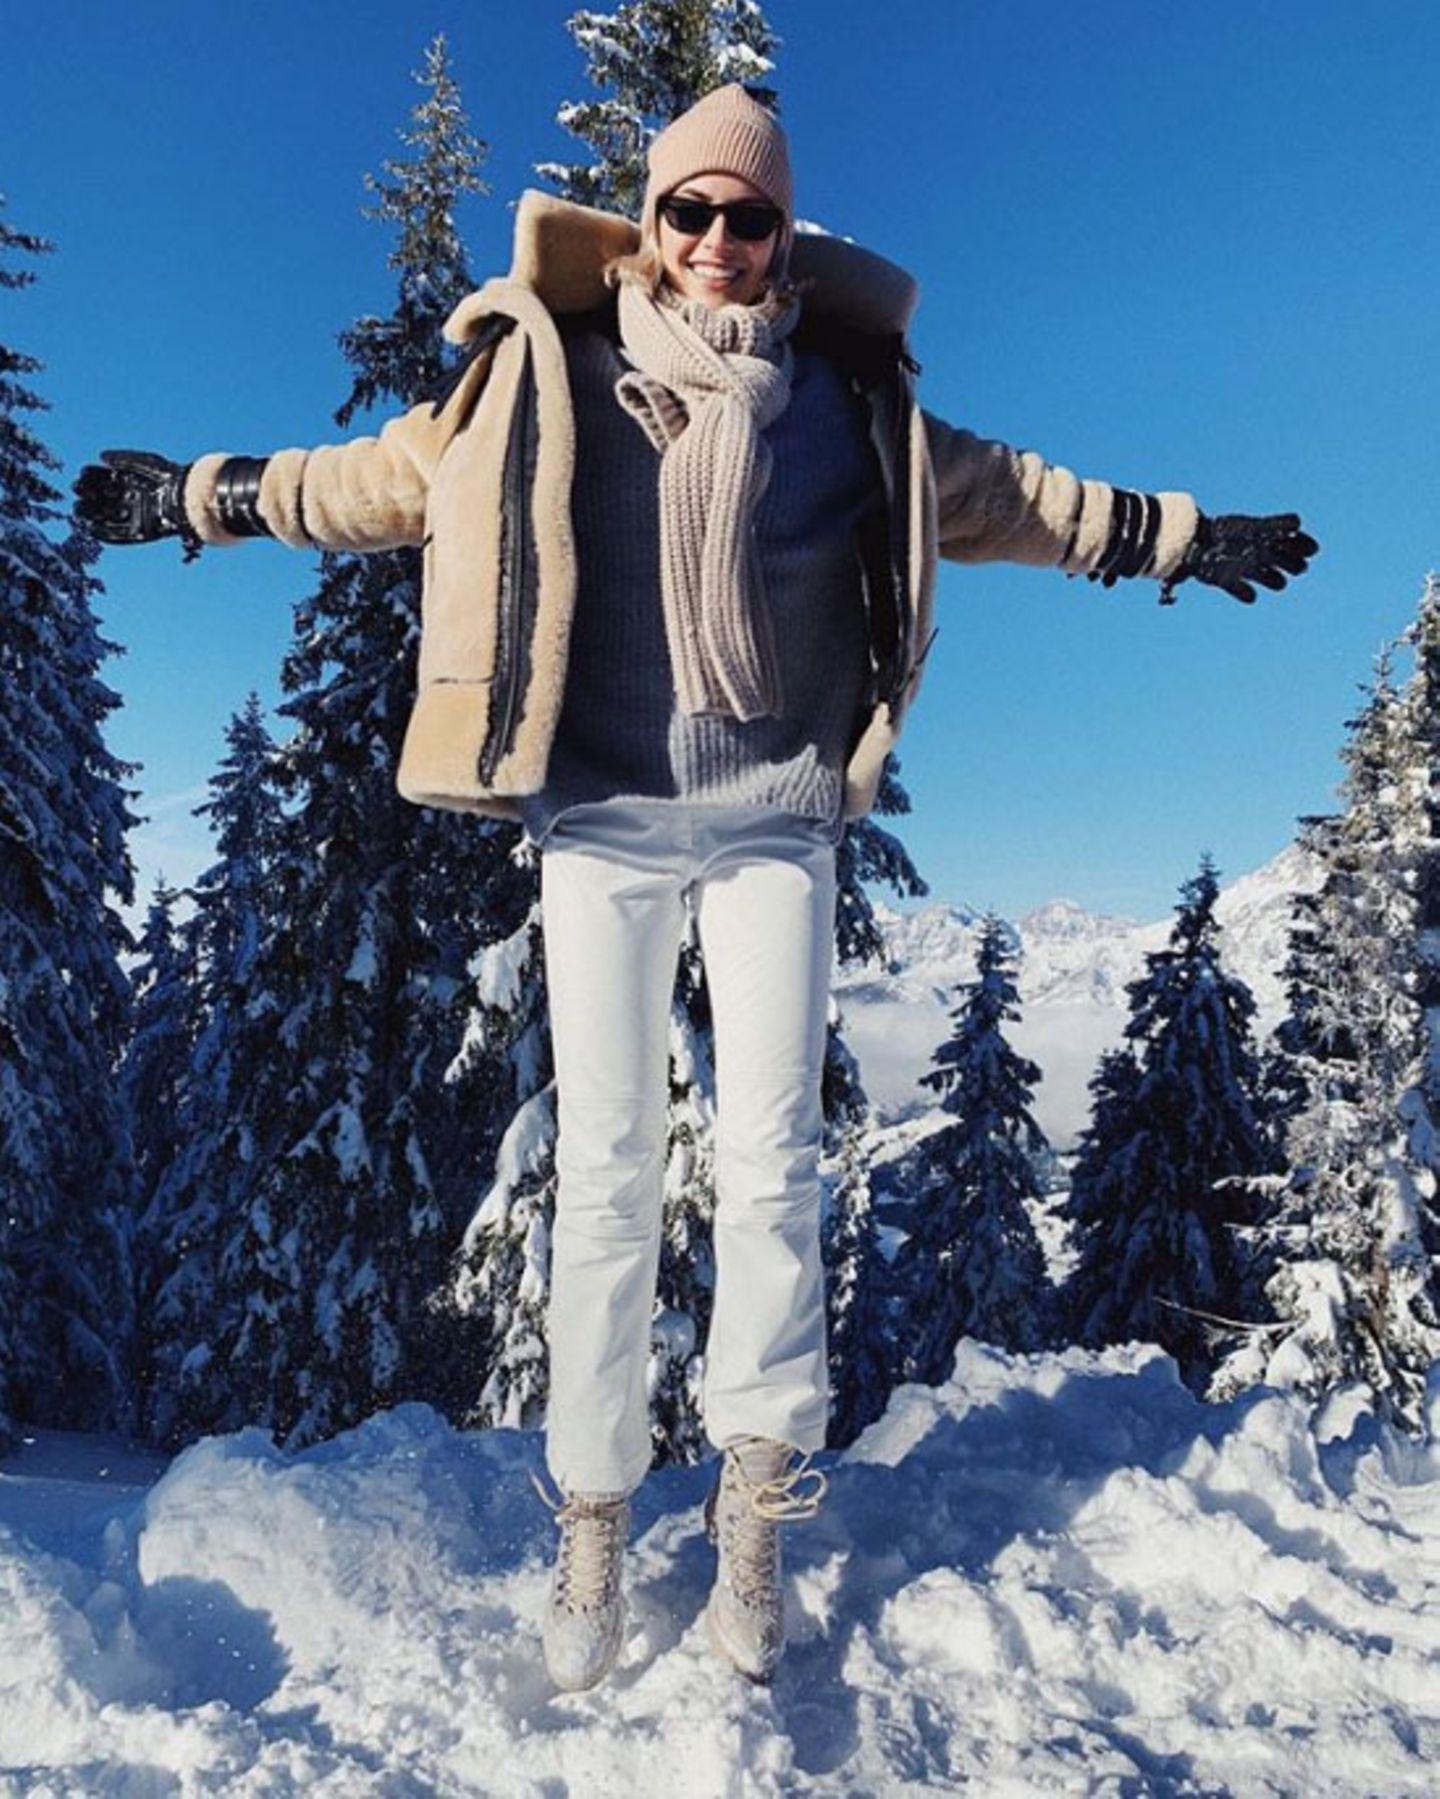 Auch Model Lena Gercke genießt den Ausflug in den Schnee.